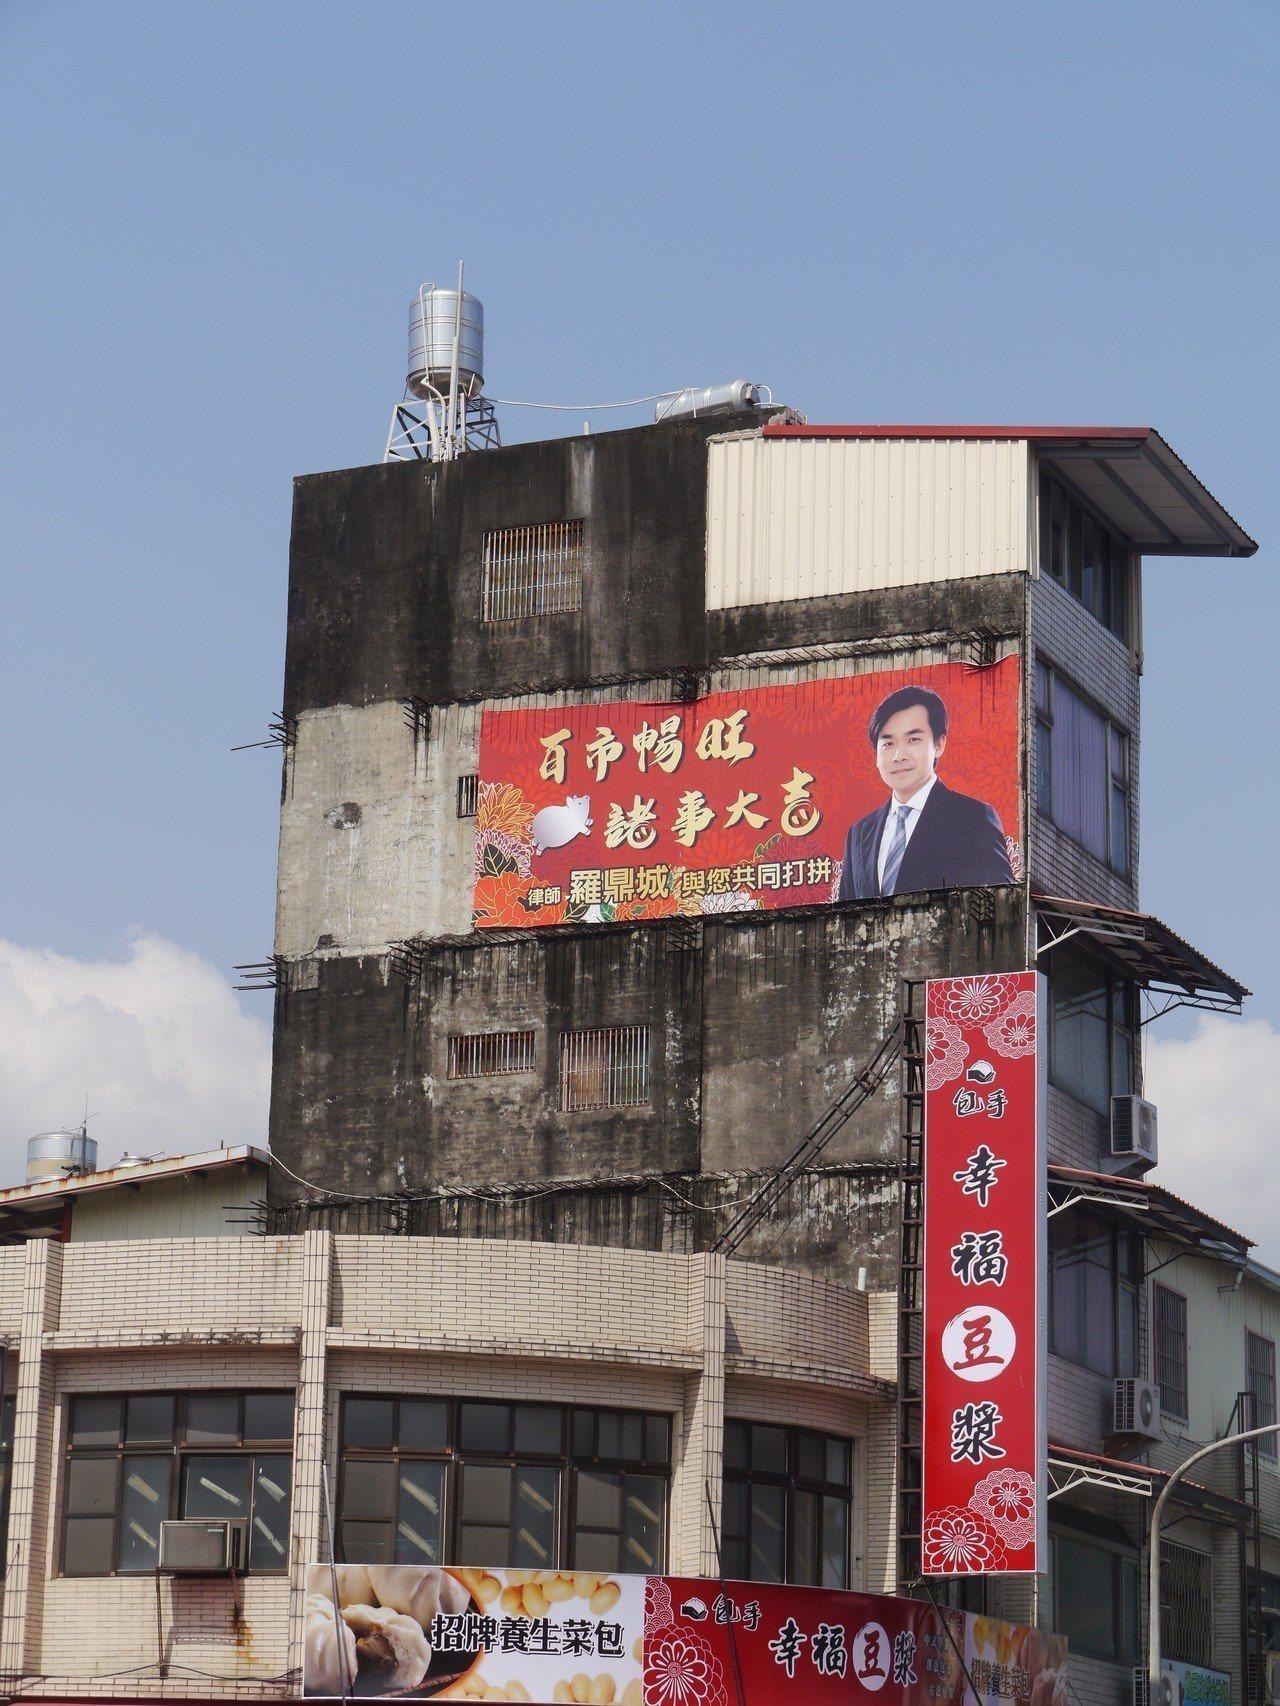 去年羅鼎城尋求連任高市議員,不過參加民進黨內初選失利,近來依舊勤走基層,農曆年間...